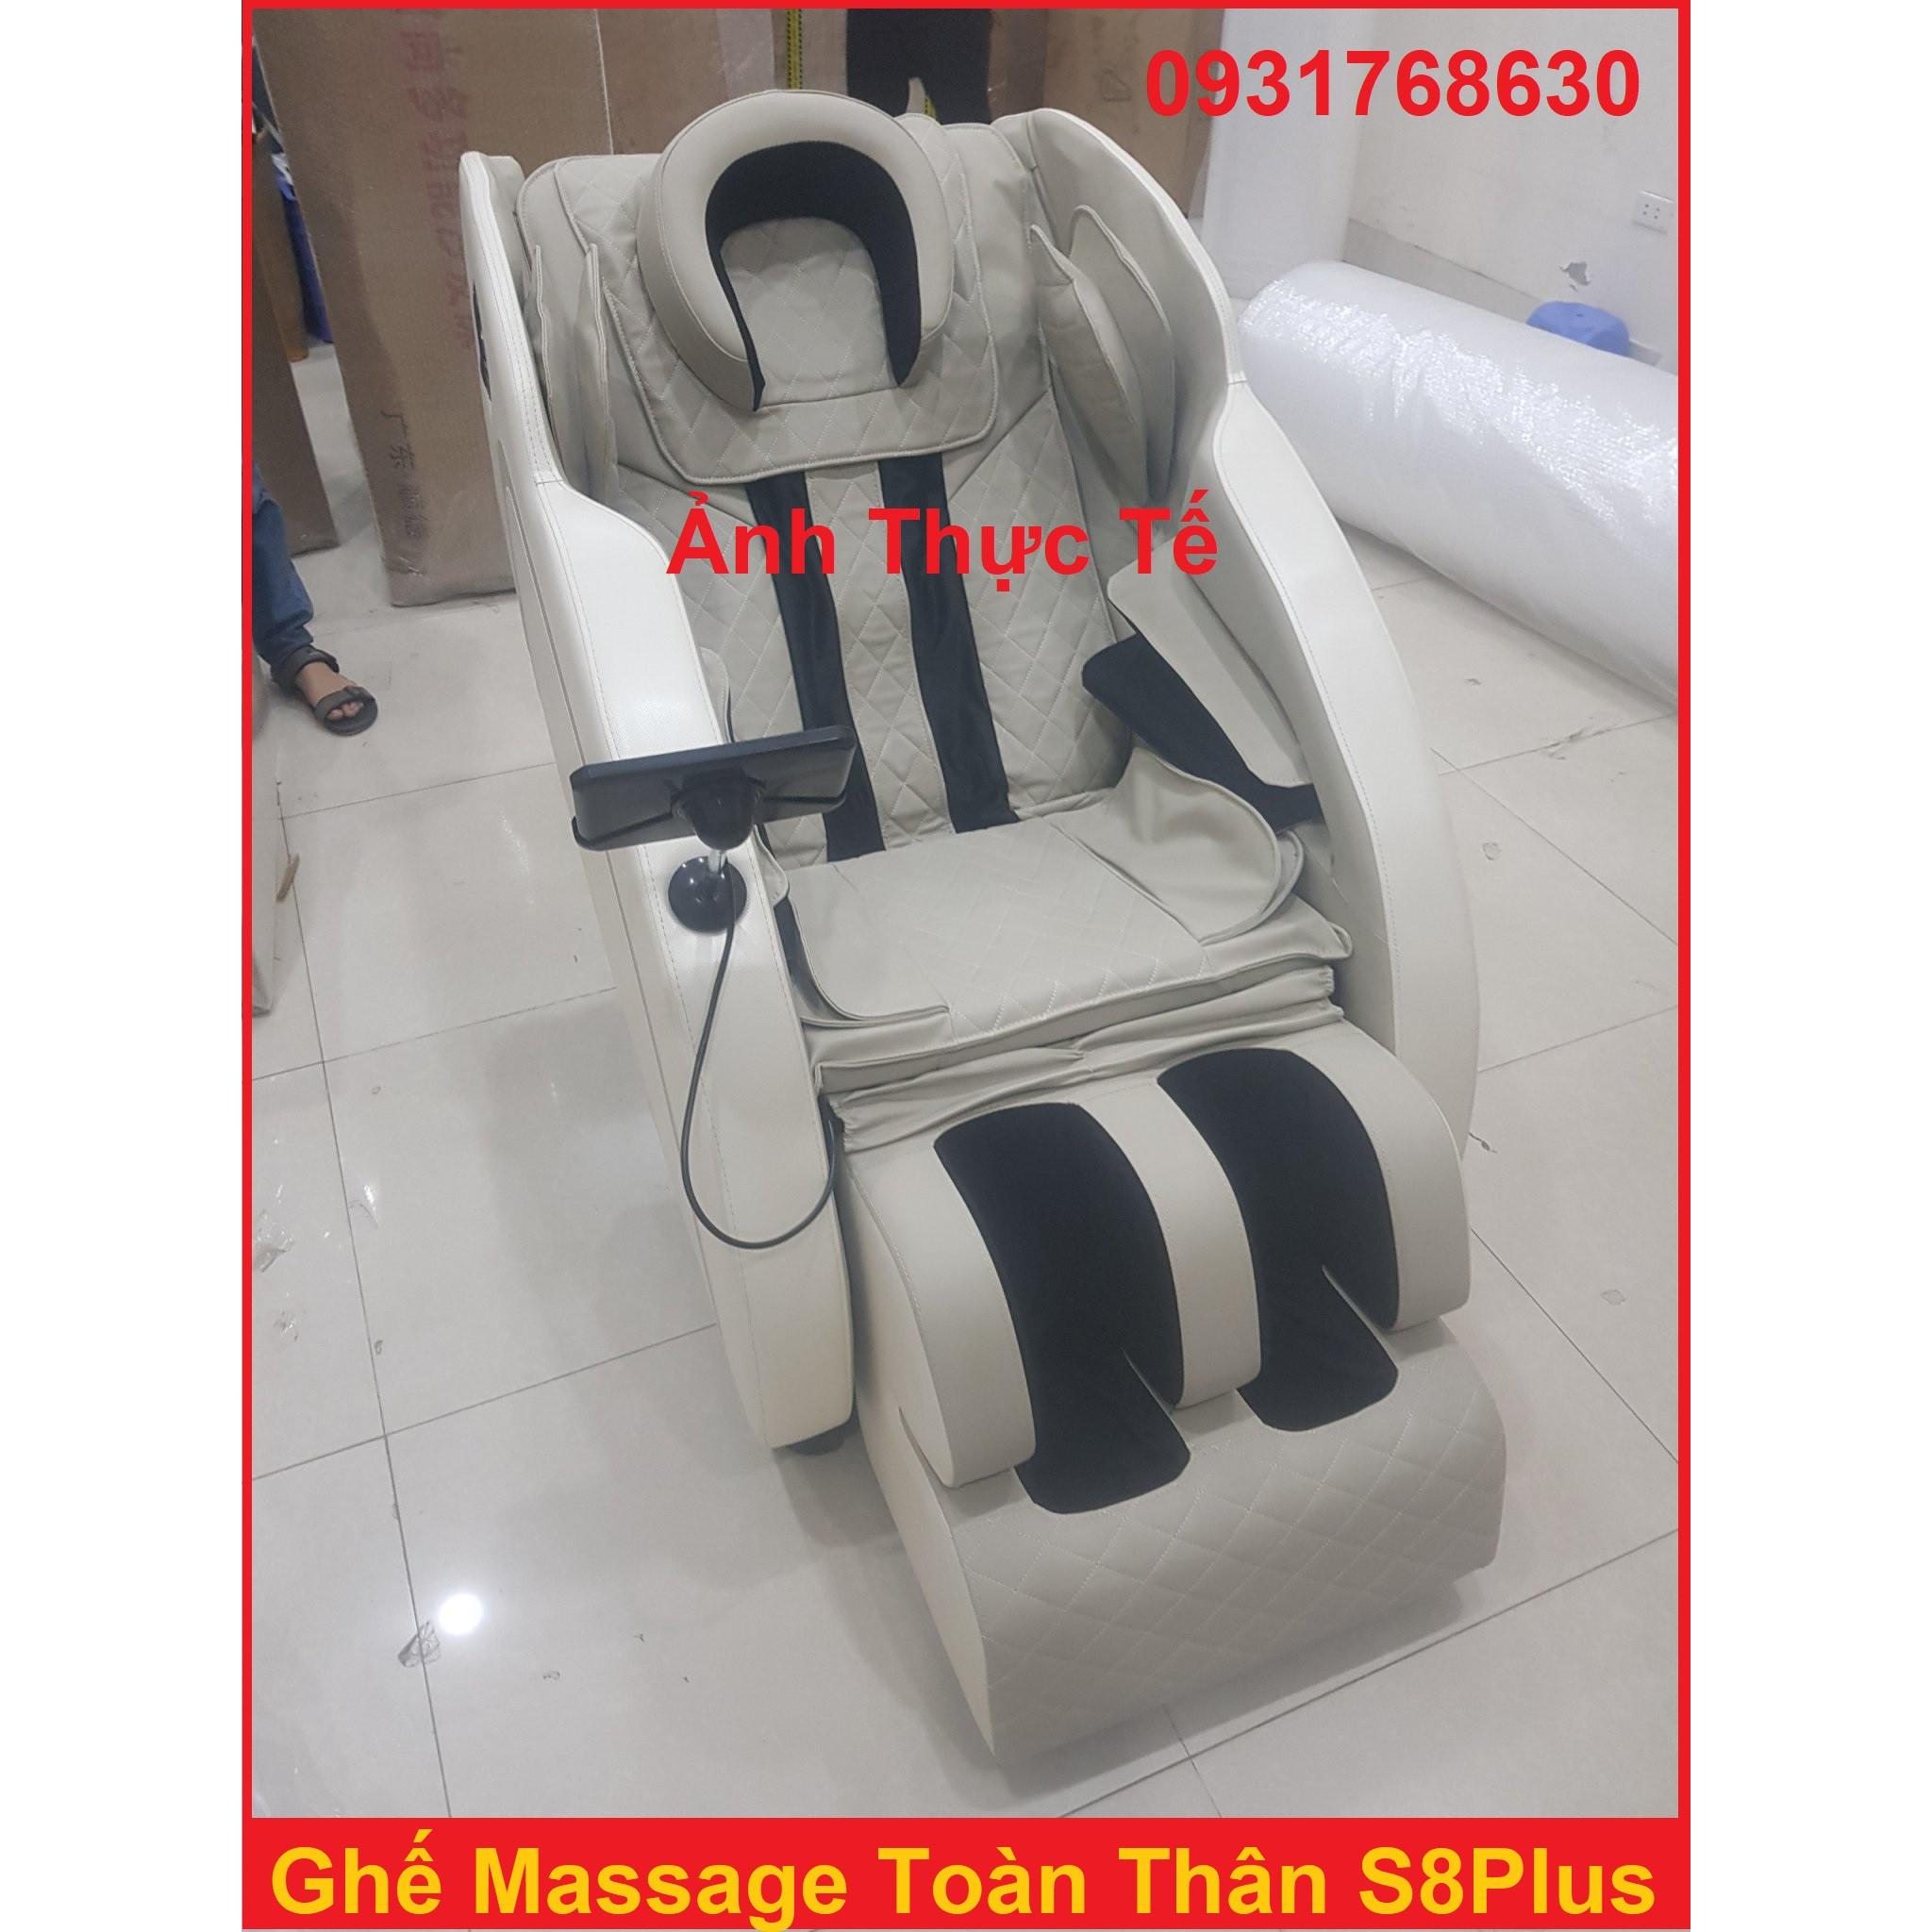 Ghế Mát-xa, Ghế Massage S8Plus Màn Hình Cảm Ứng LED Cao Cấp , Ghe Mat- Xa Trị Liệu Cao Cấp